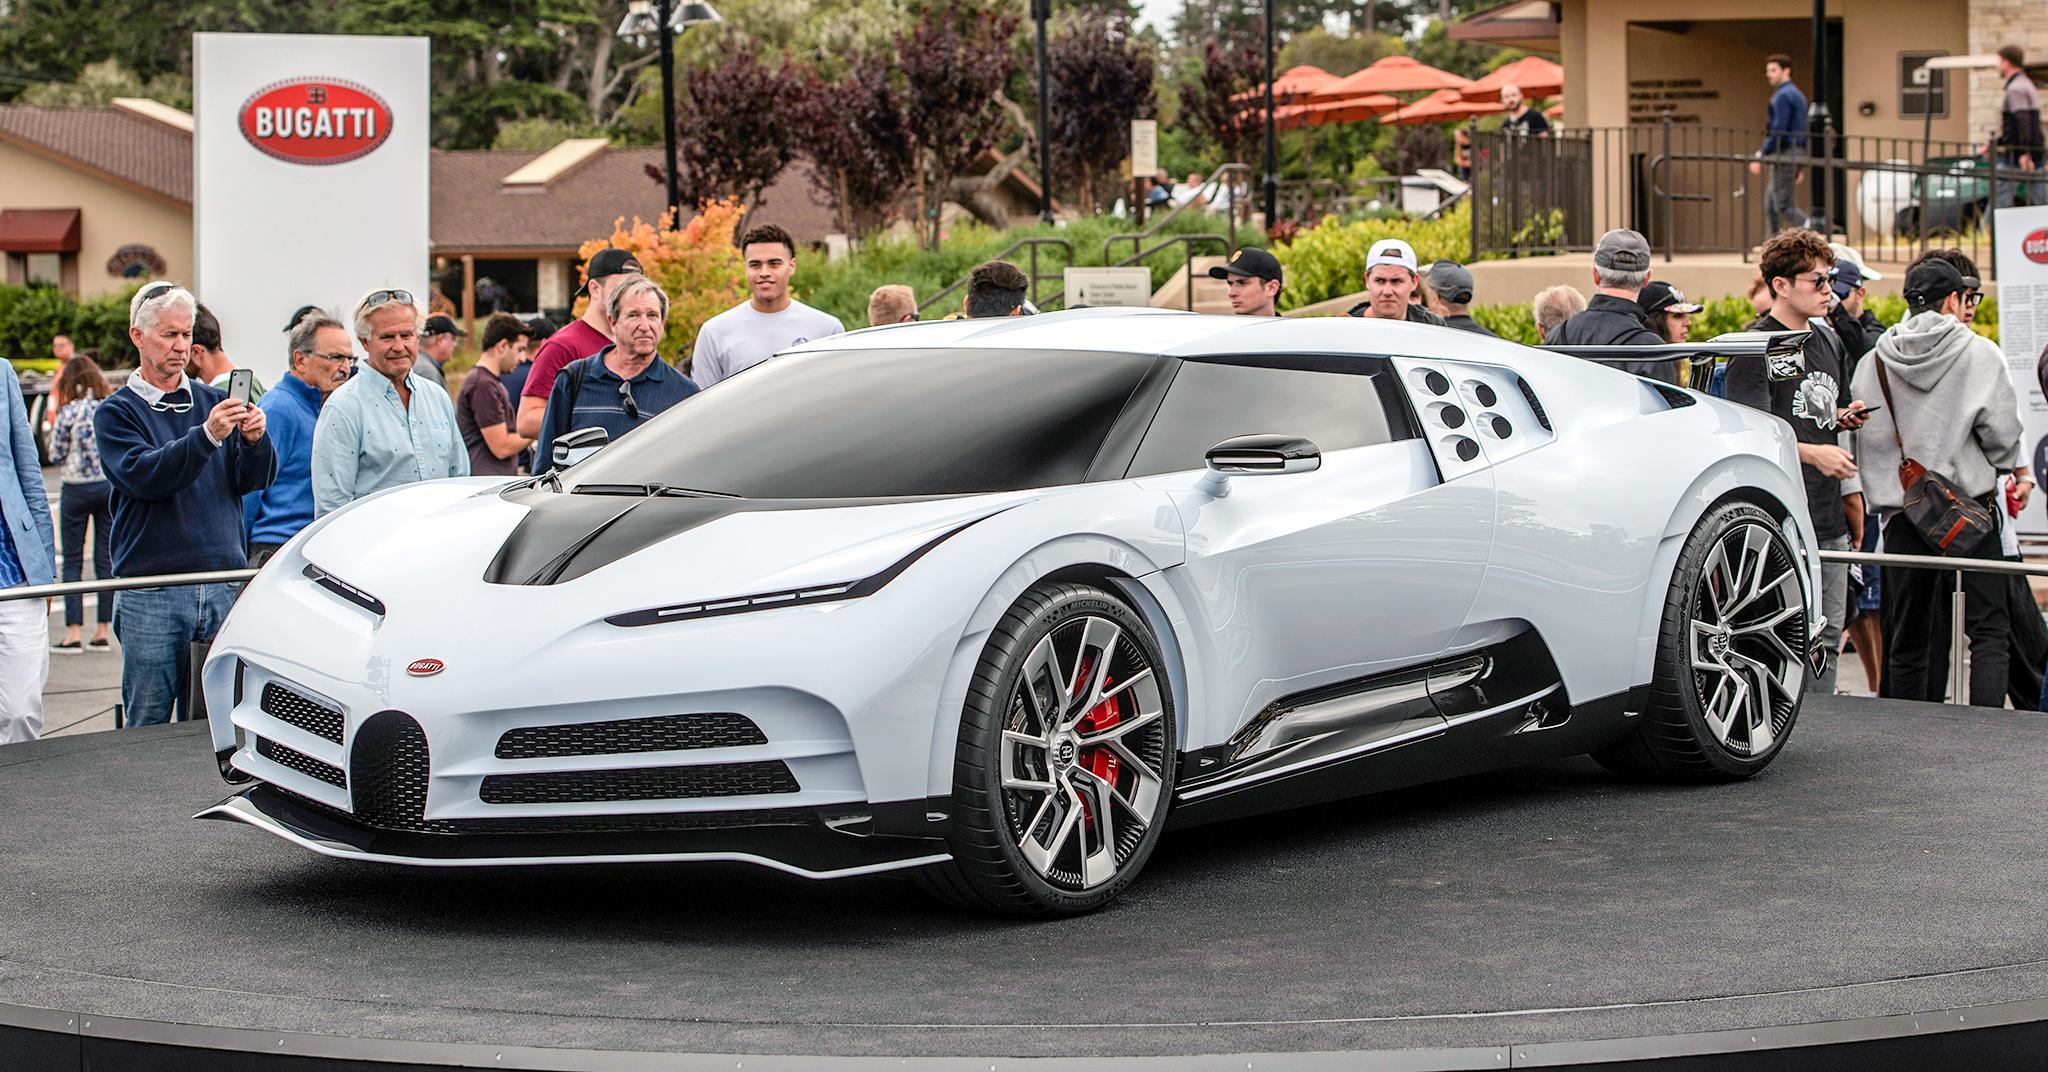 2019-bugatti-centodieci-debut-24-copy.jpg